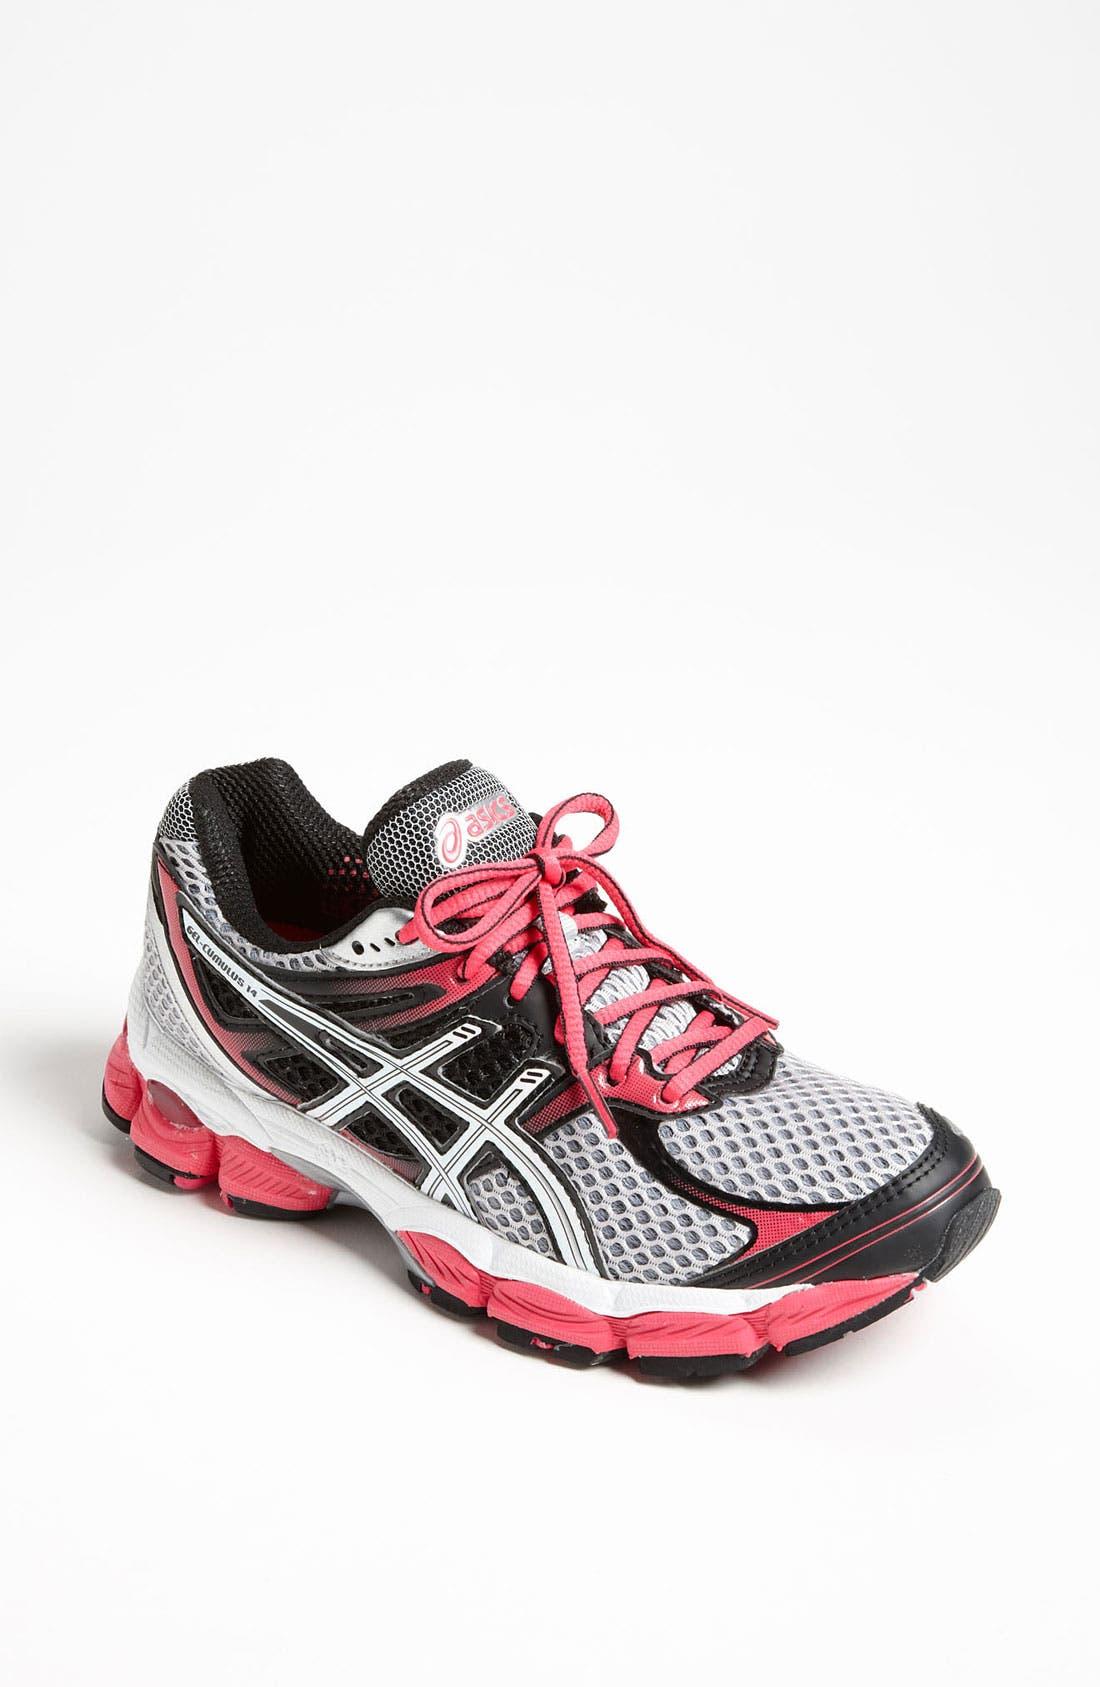 Main Image - ASICS® 'GEL-Cumulus 14' Running Shoe (Women)(Retail Price: $109.95)